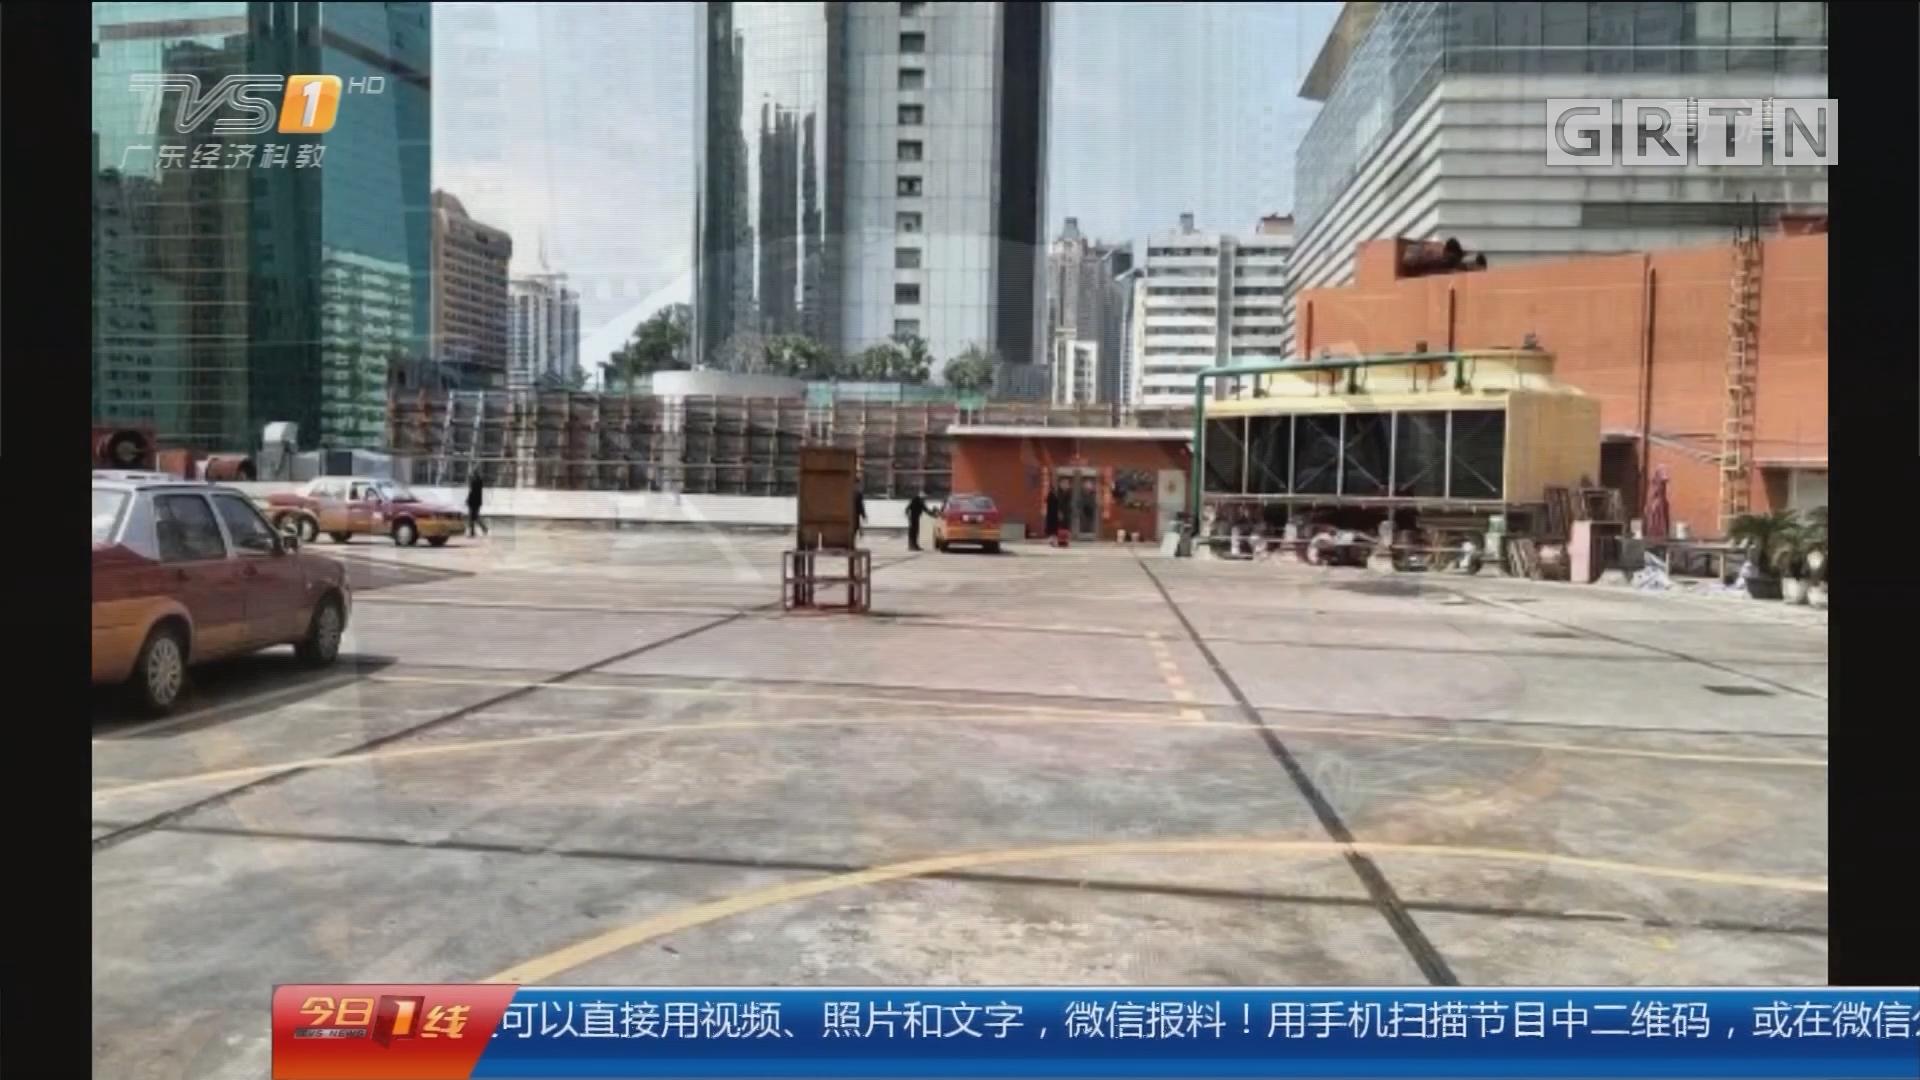 深圳罗湖:疯狂驾校 商场楼顶开练车场